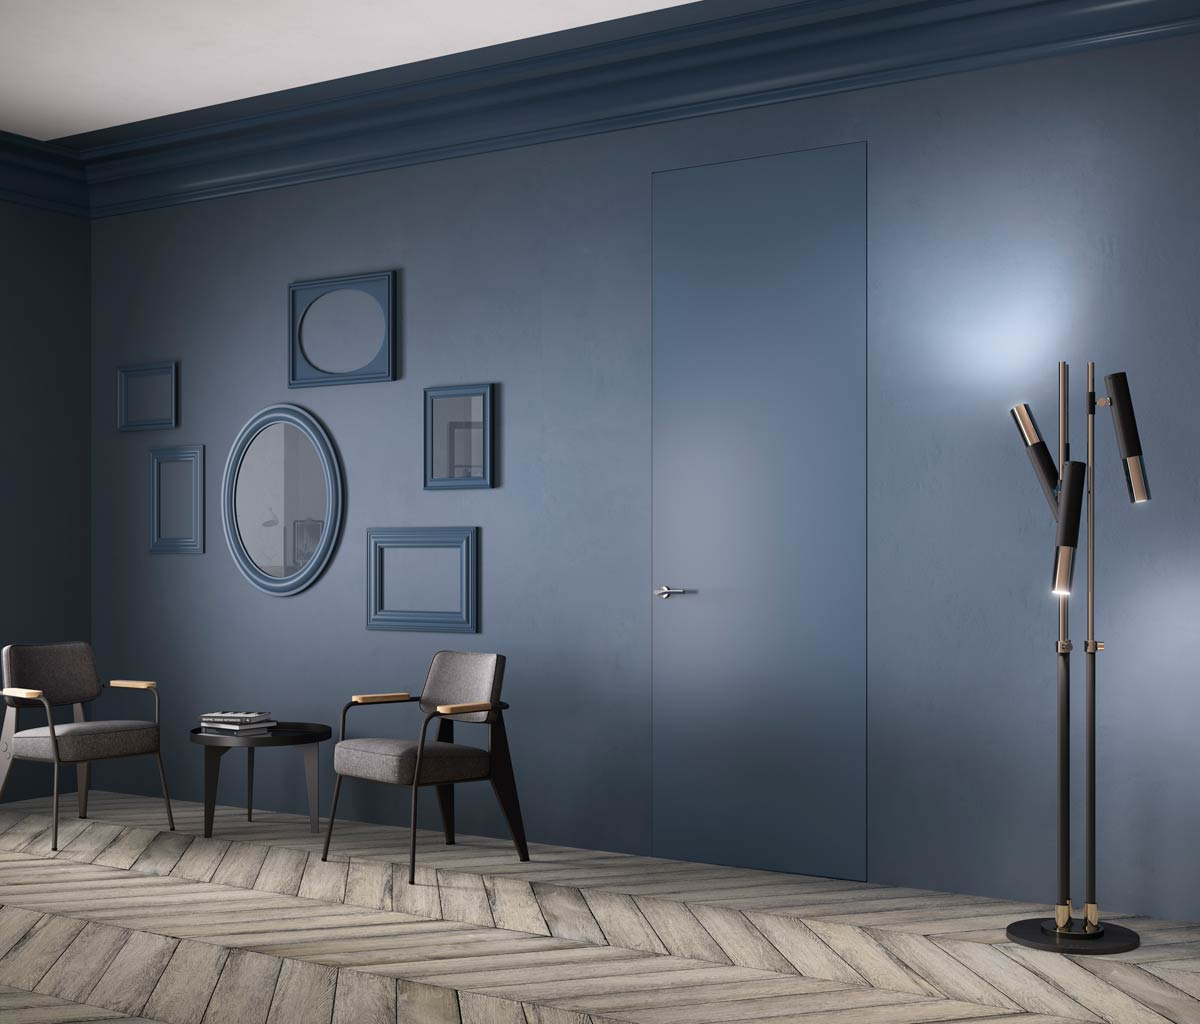 La porta filo muro minimale ed elegante for Porte a battente